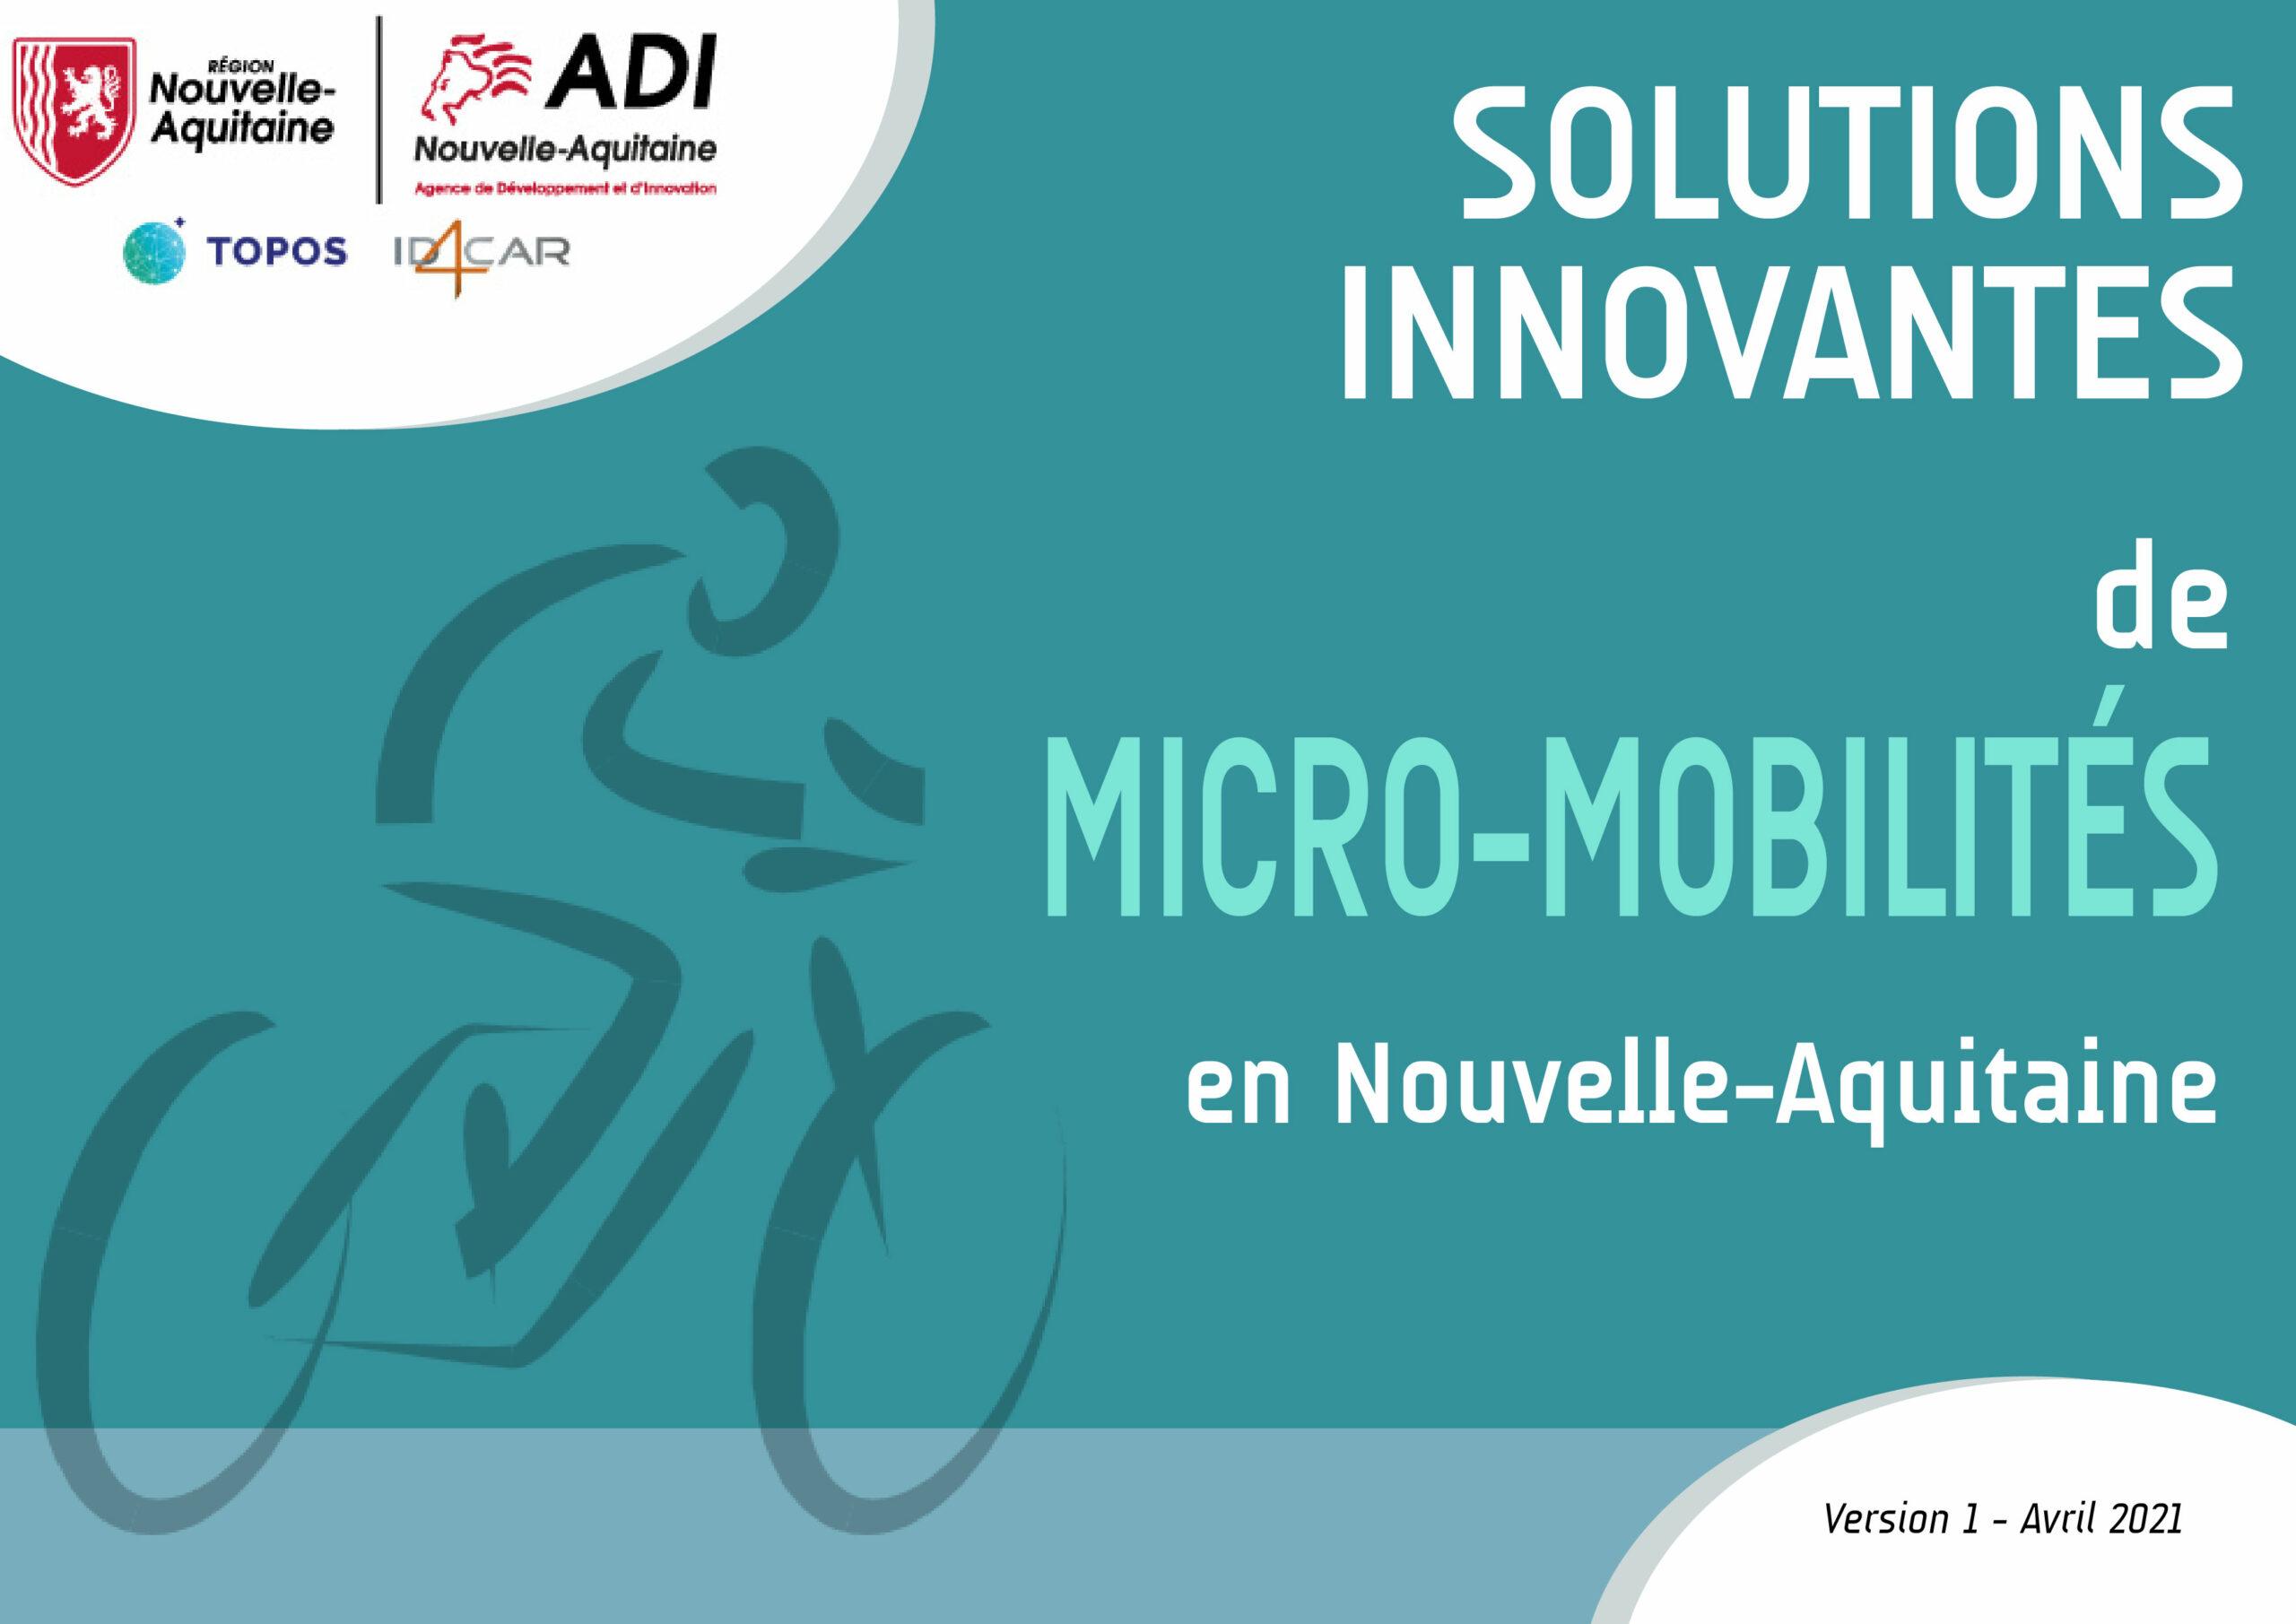 Solutions innovantes de Micro-Mobilités en Nouvelle-Aquitaine